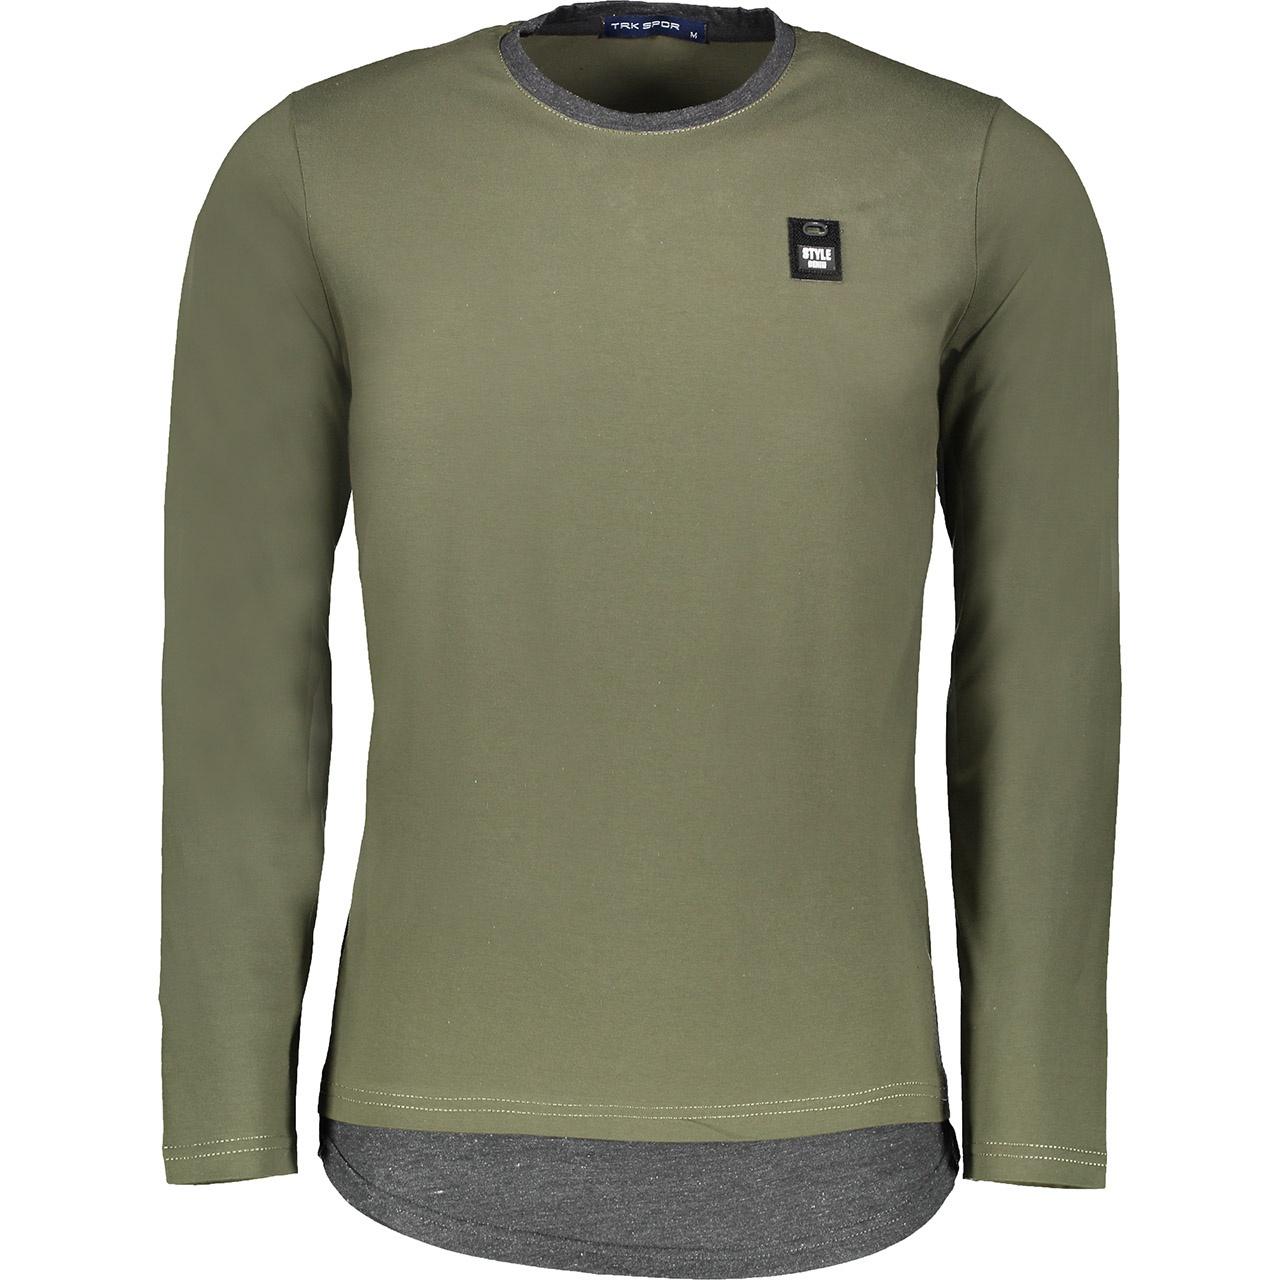 خرید ارزان تی شرت آستین بلند مردانه تارکان کد btt 253-2